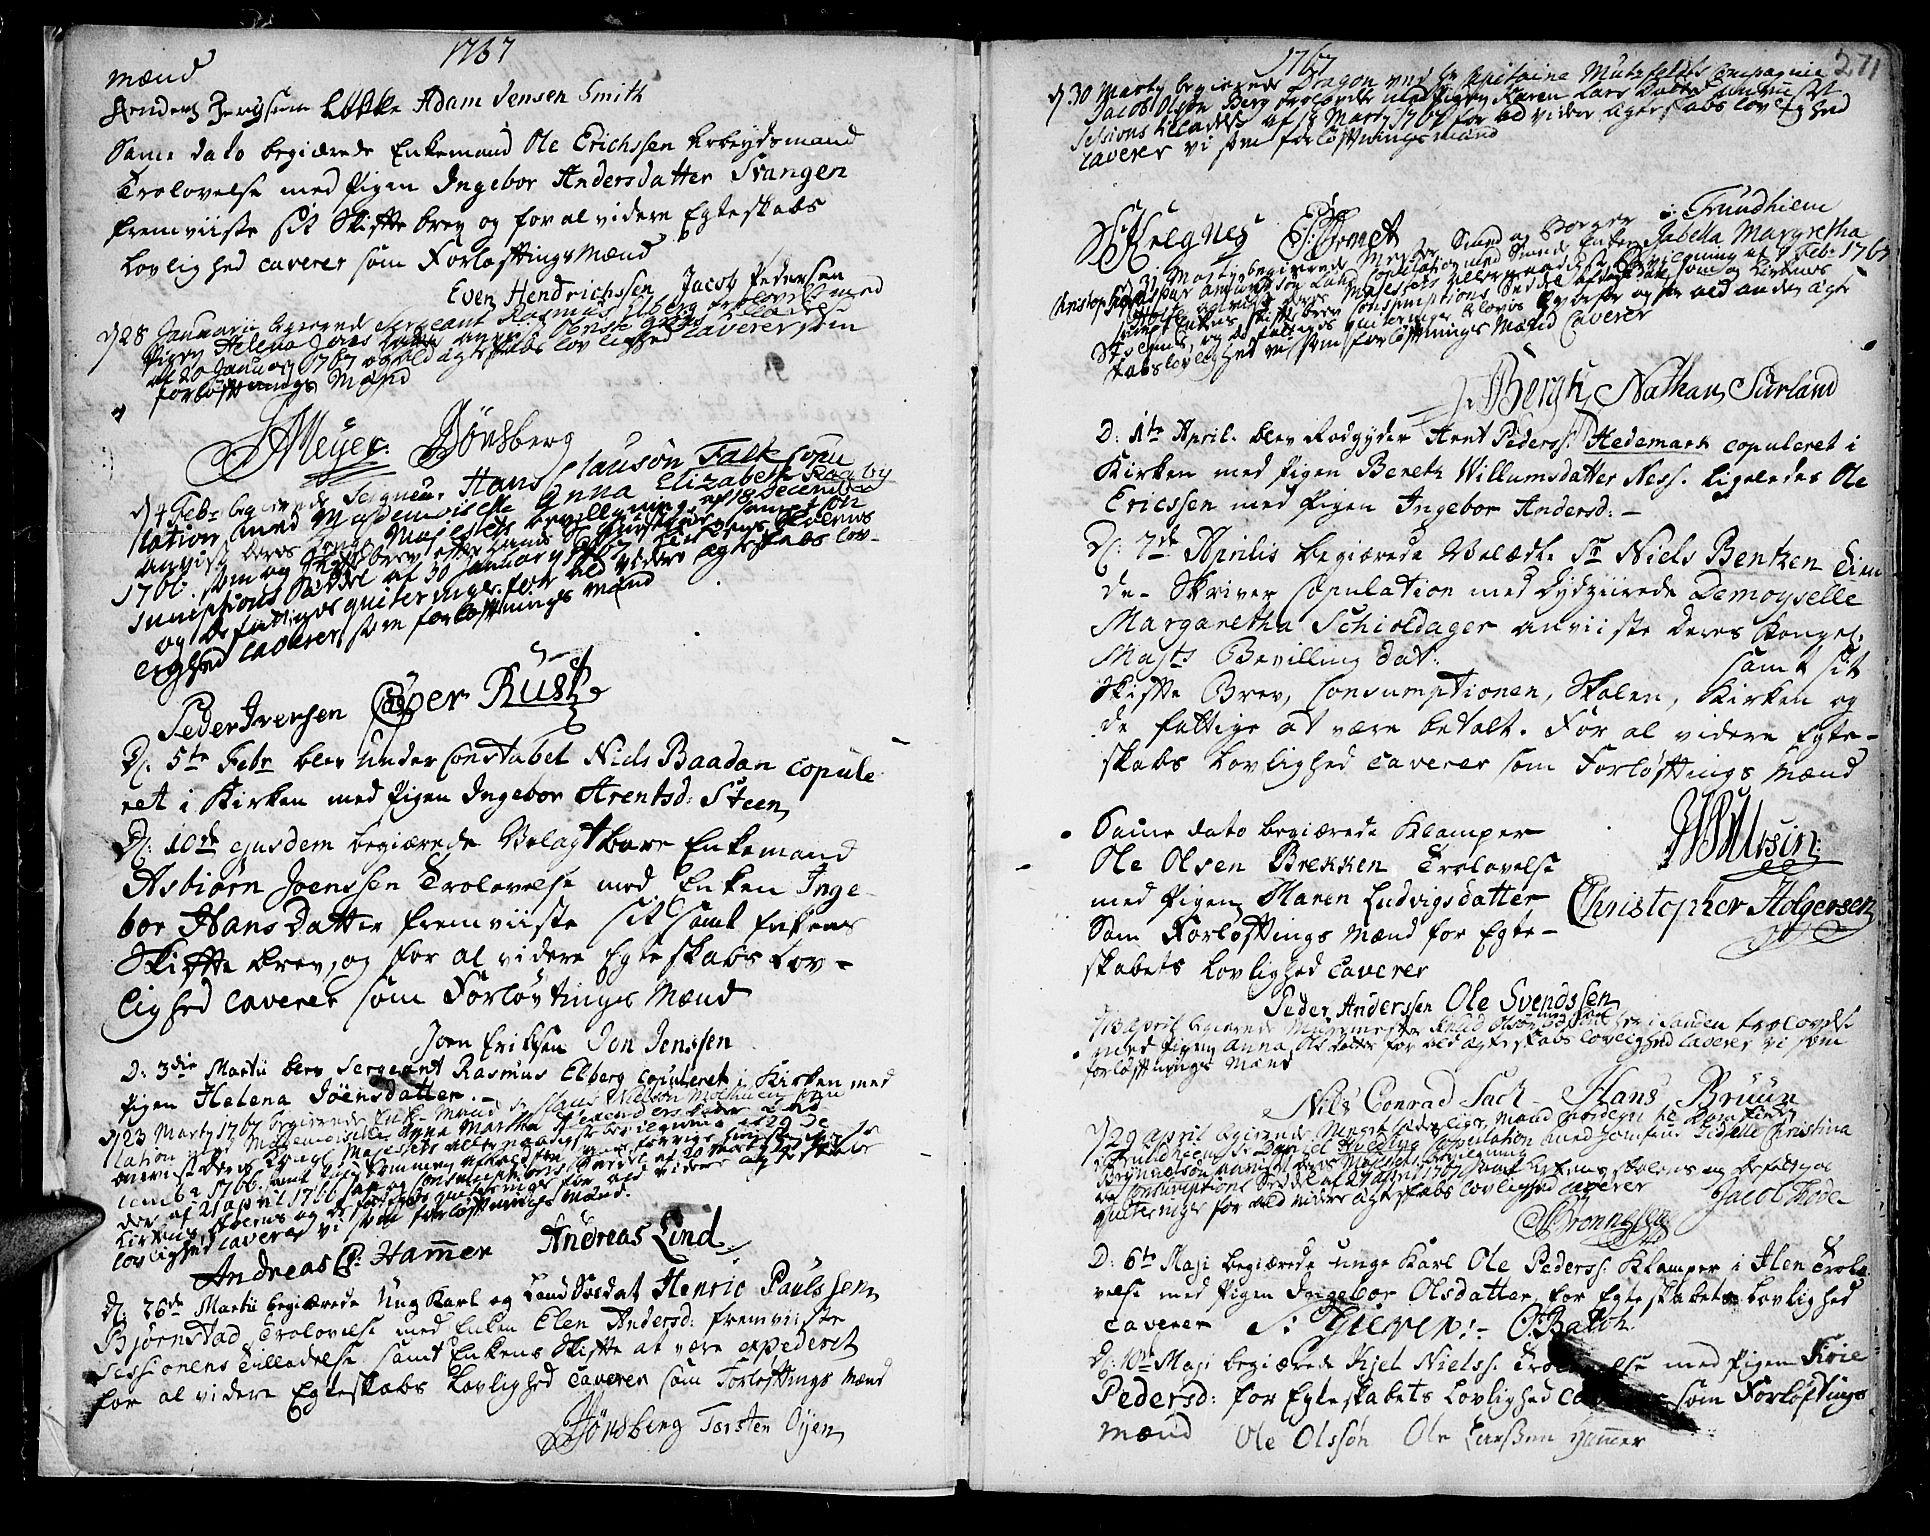 SAT, Ministerialprotokoller, klokkerbøker og fødselsregistre - Sør-Trøndelag, 601/L0038: Ministerialbok nr. 601A06, 1766-1877, s. 271